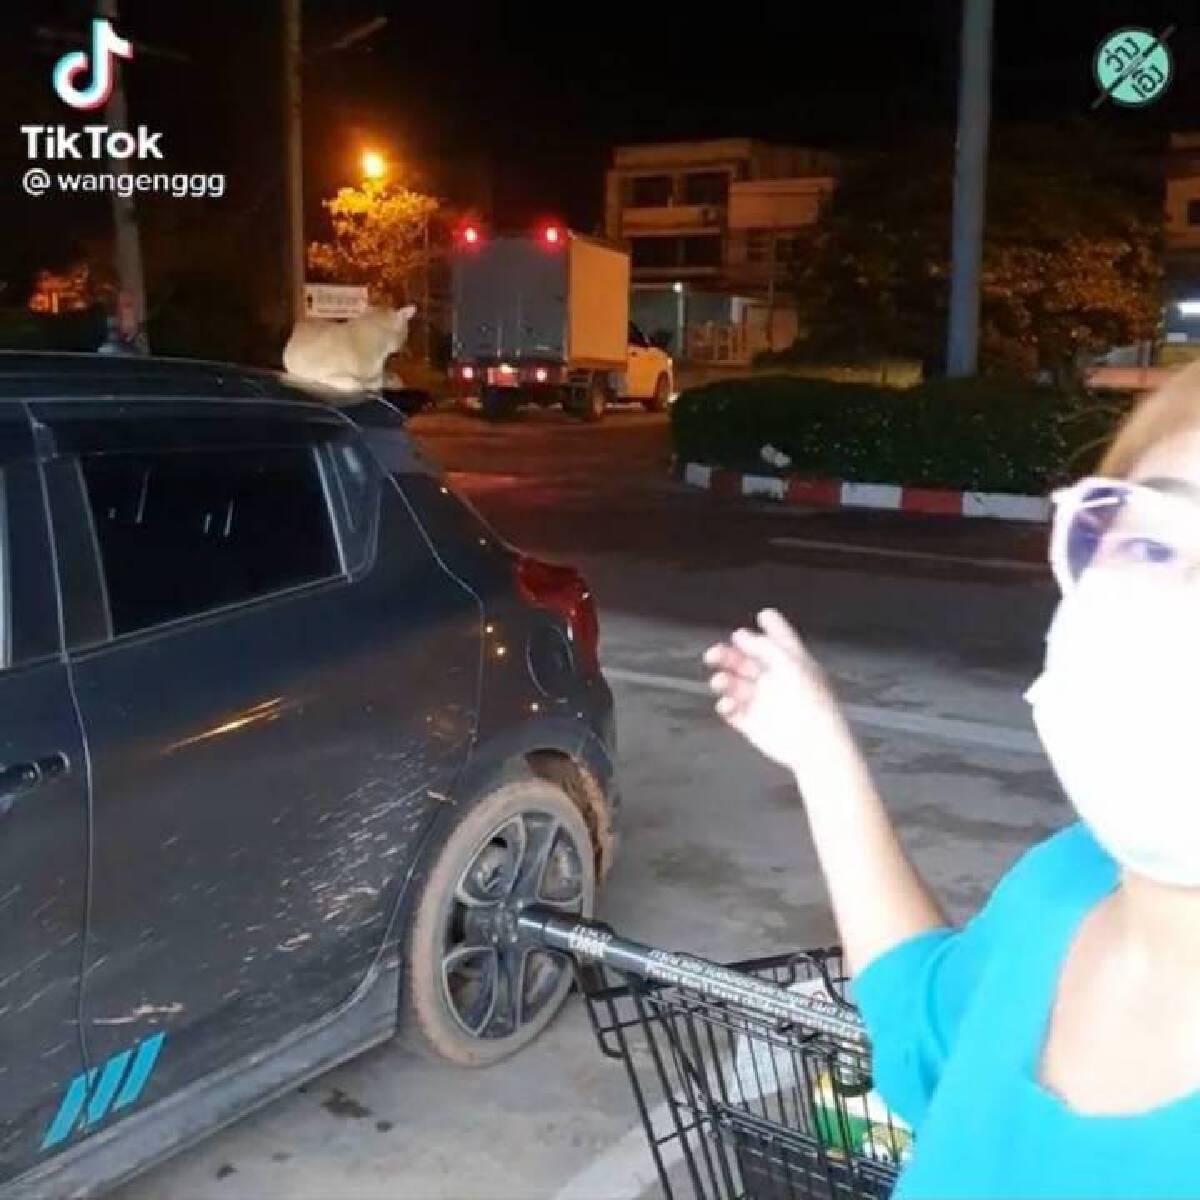 สาวหนักใจ ไปซื้อของจะกลับบ้าน เจอเจ้าถิ่นดักรอที่รถ ไม่ให้กลับแถมด่าแรง